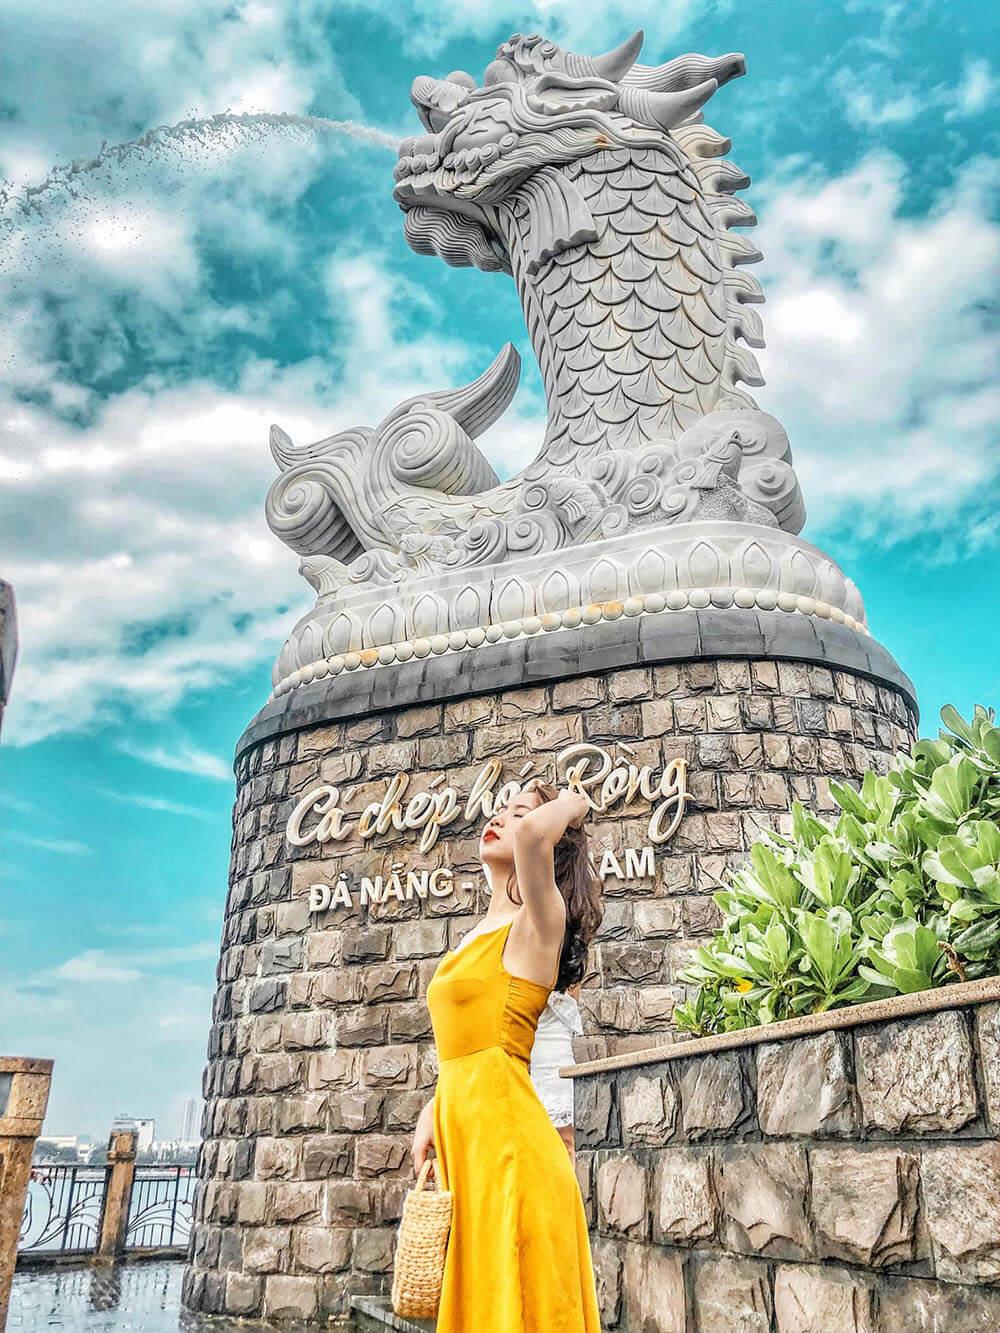 Cau Tinh Yeu Danang Review Chill Cung Chuyen Du Lich Da Nang Hoi An 3n2d 02